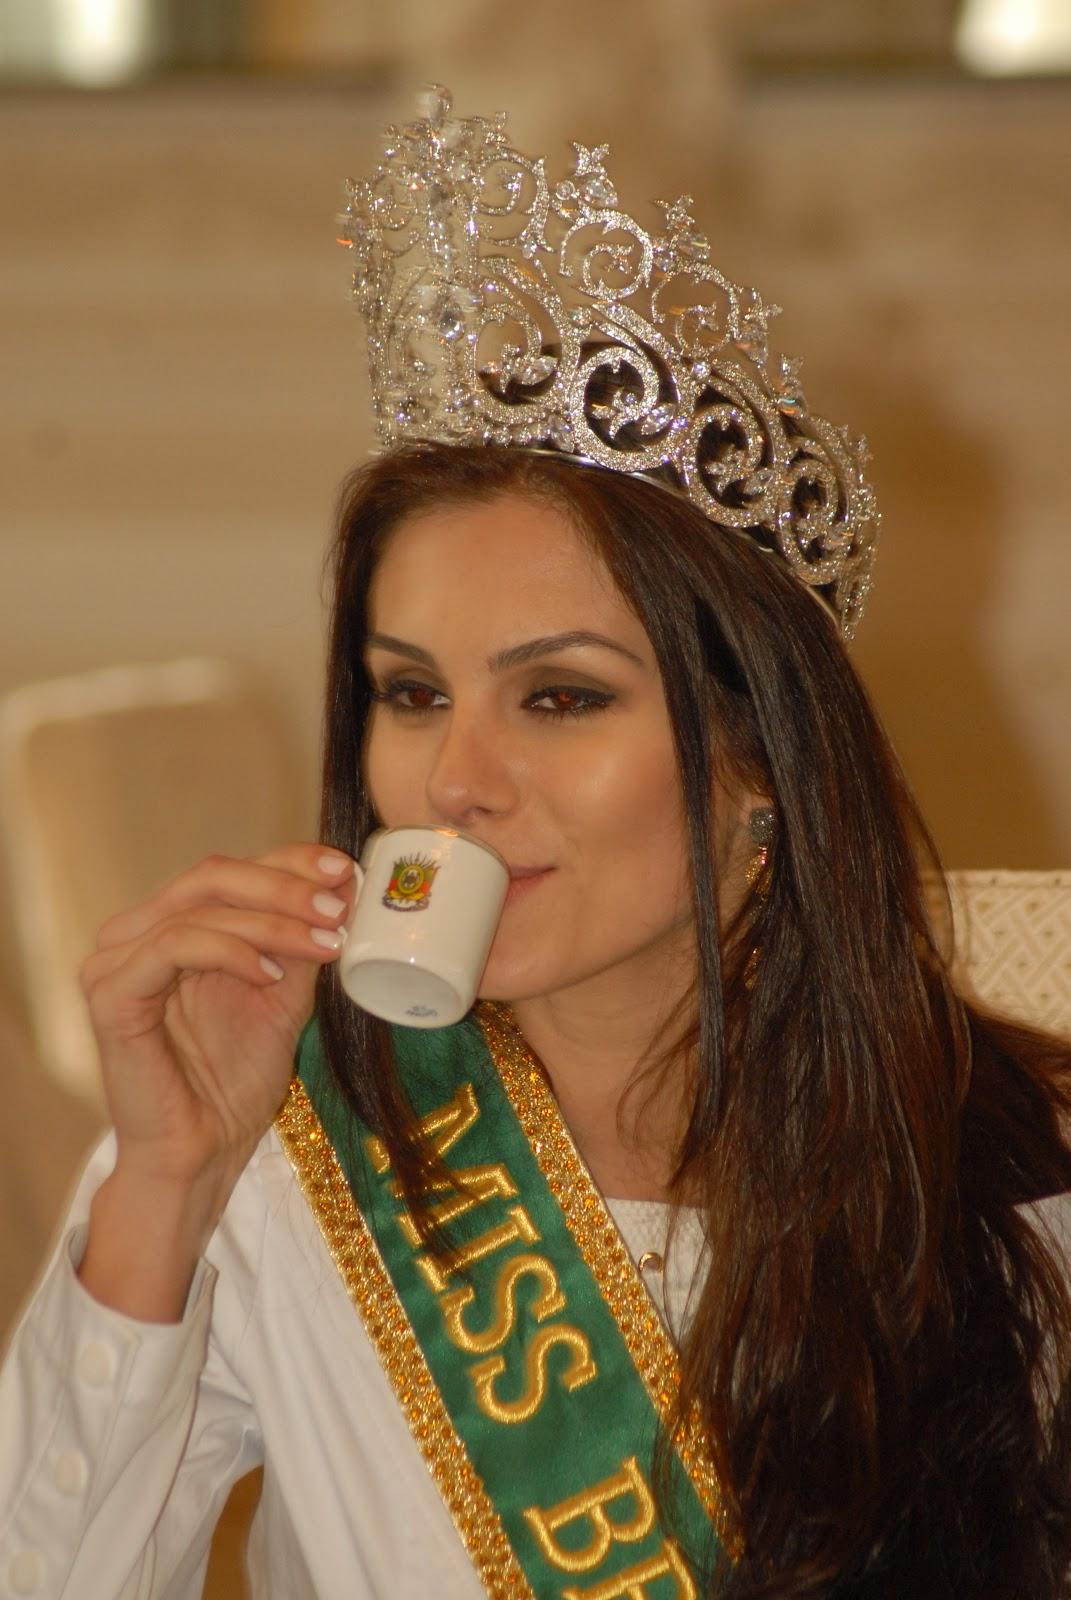 gabriela markus, miss brasil 2012. - Página 5 Zst7lnsn